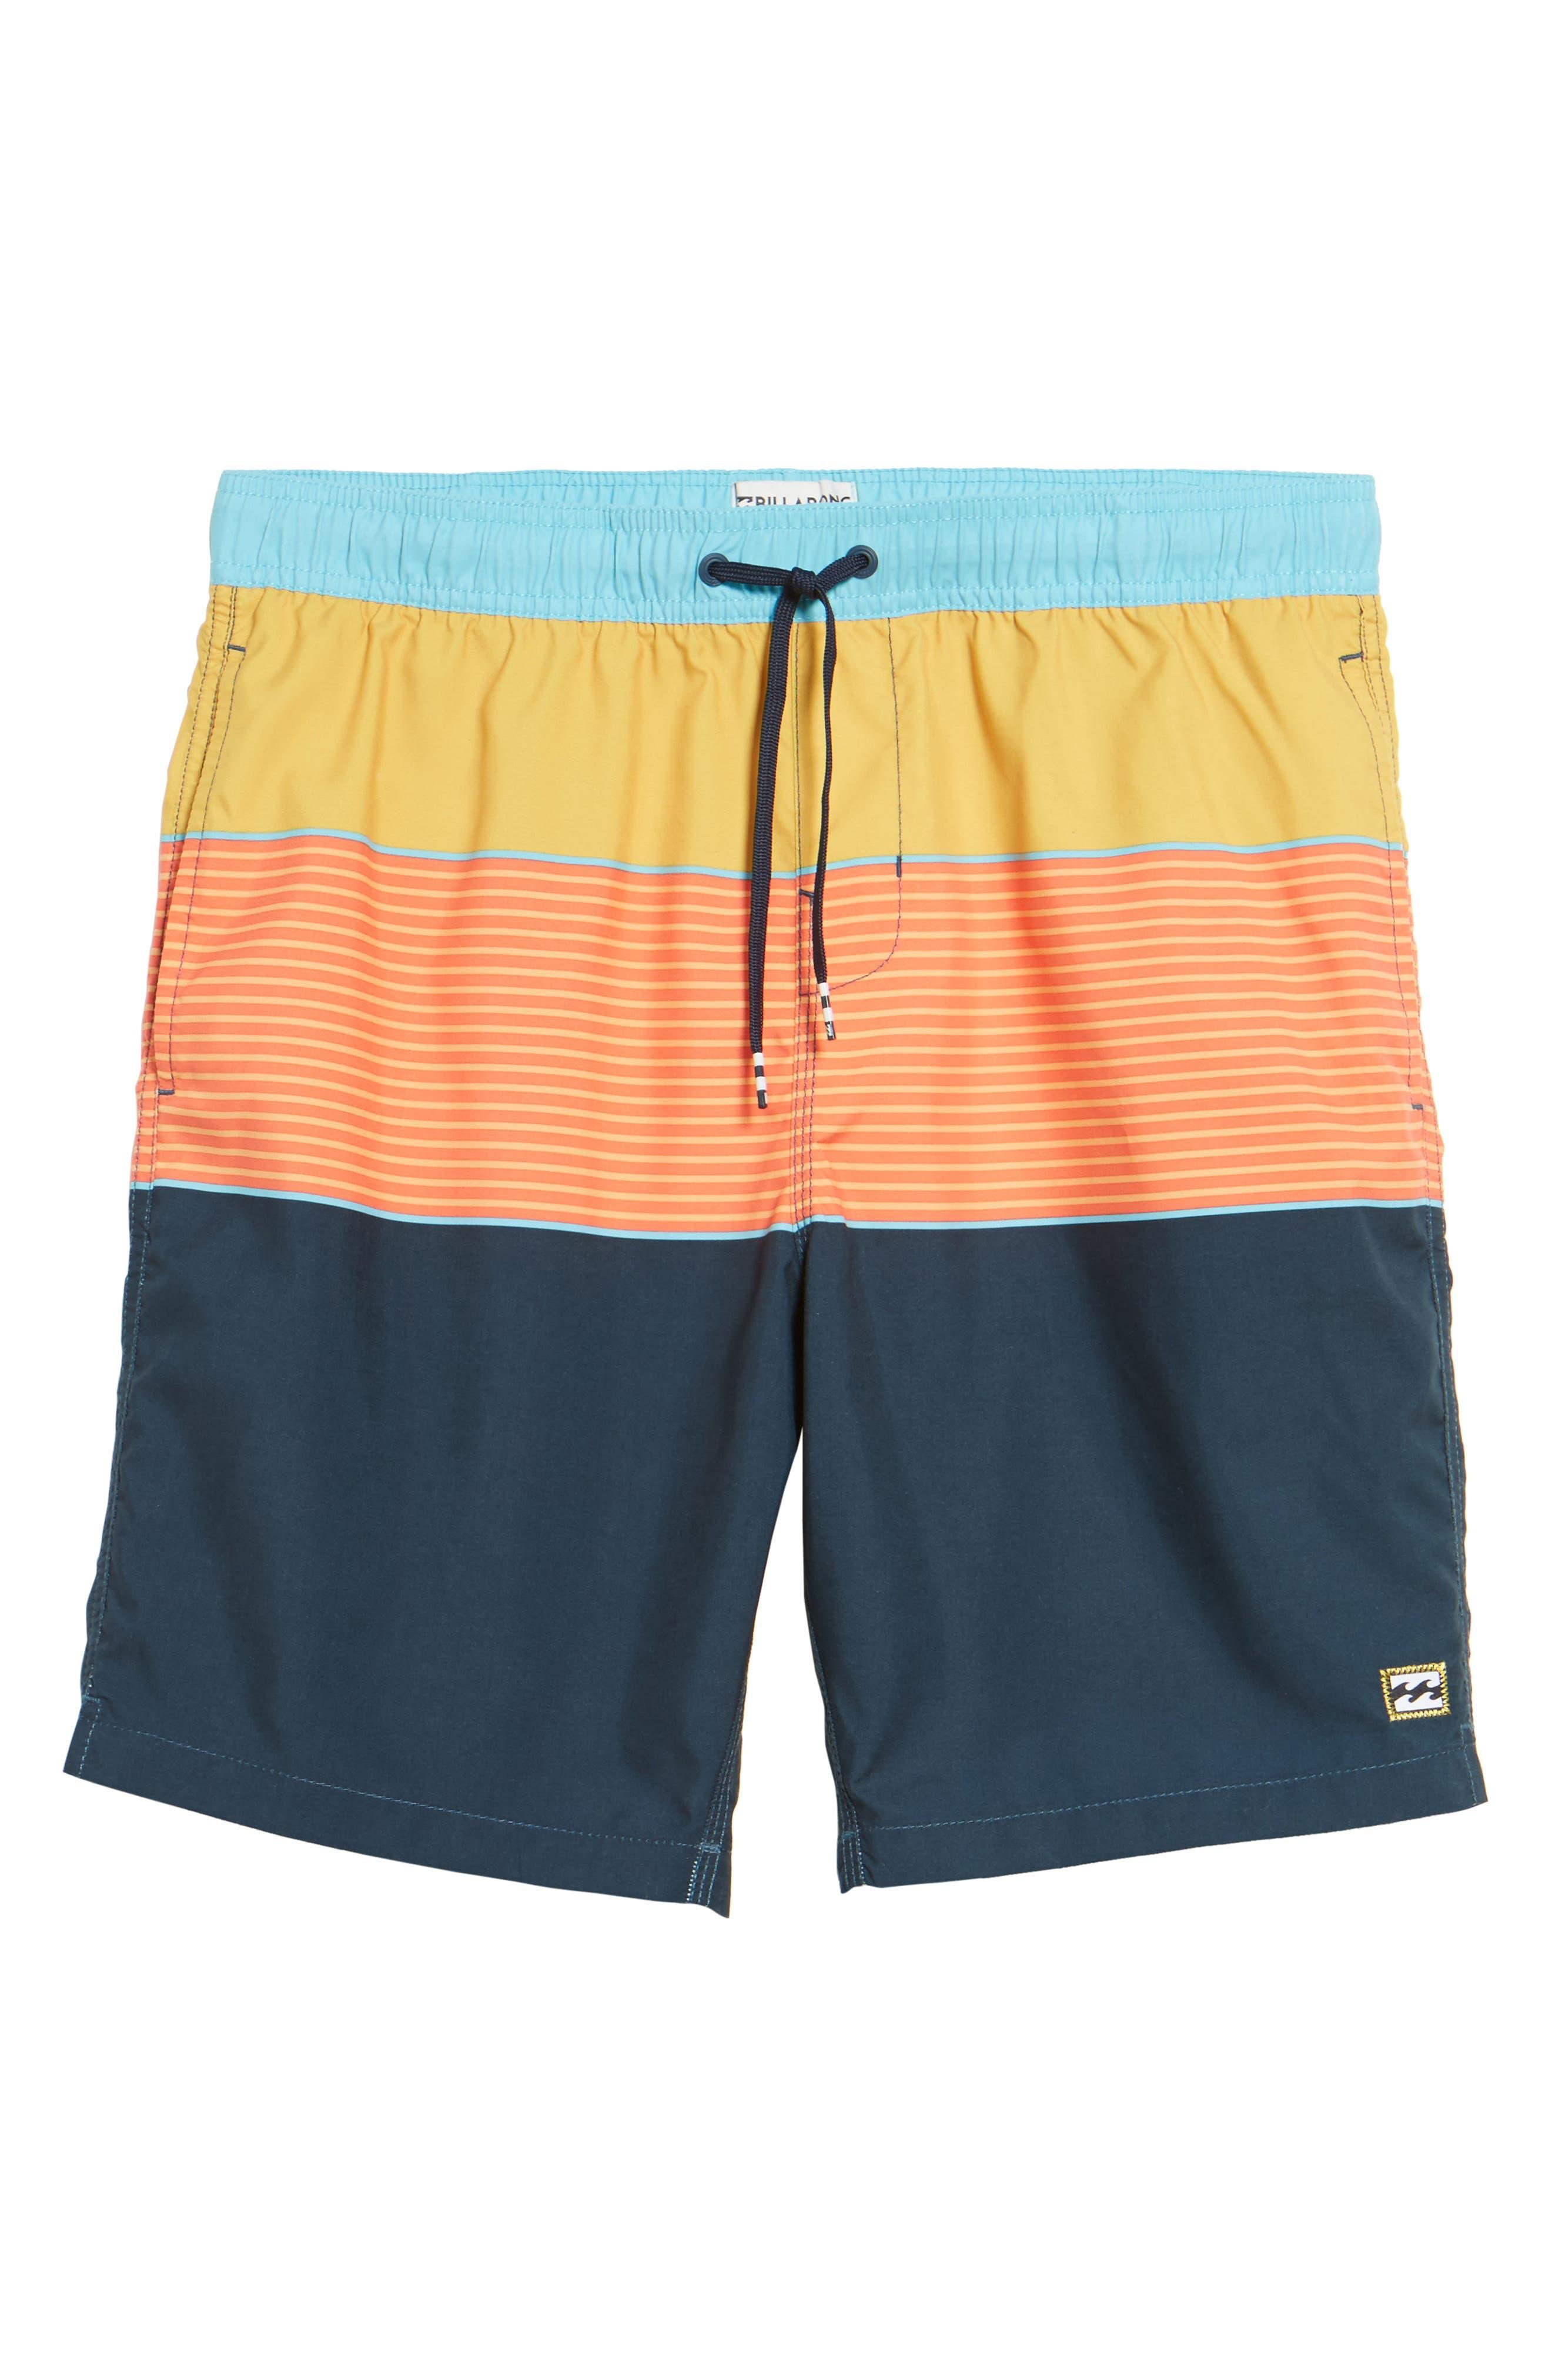 Tribong Layback Board Shorts,                             Alternate thumbnail 12, color,